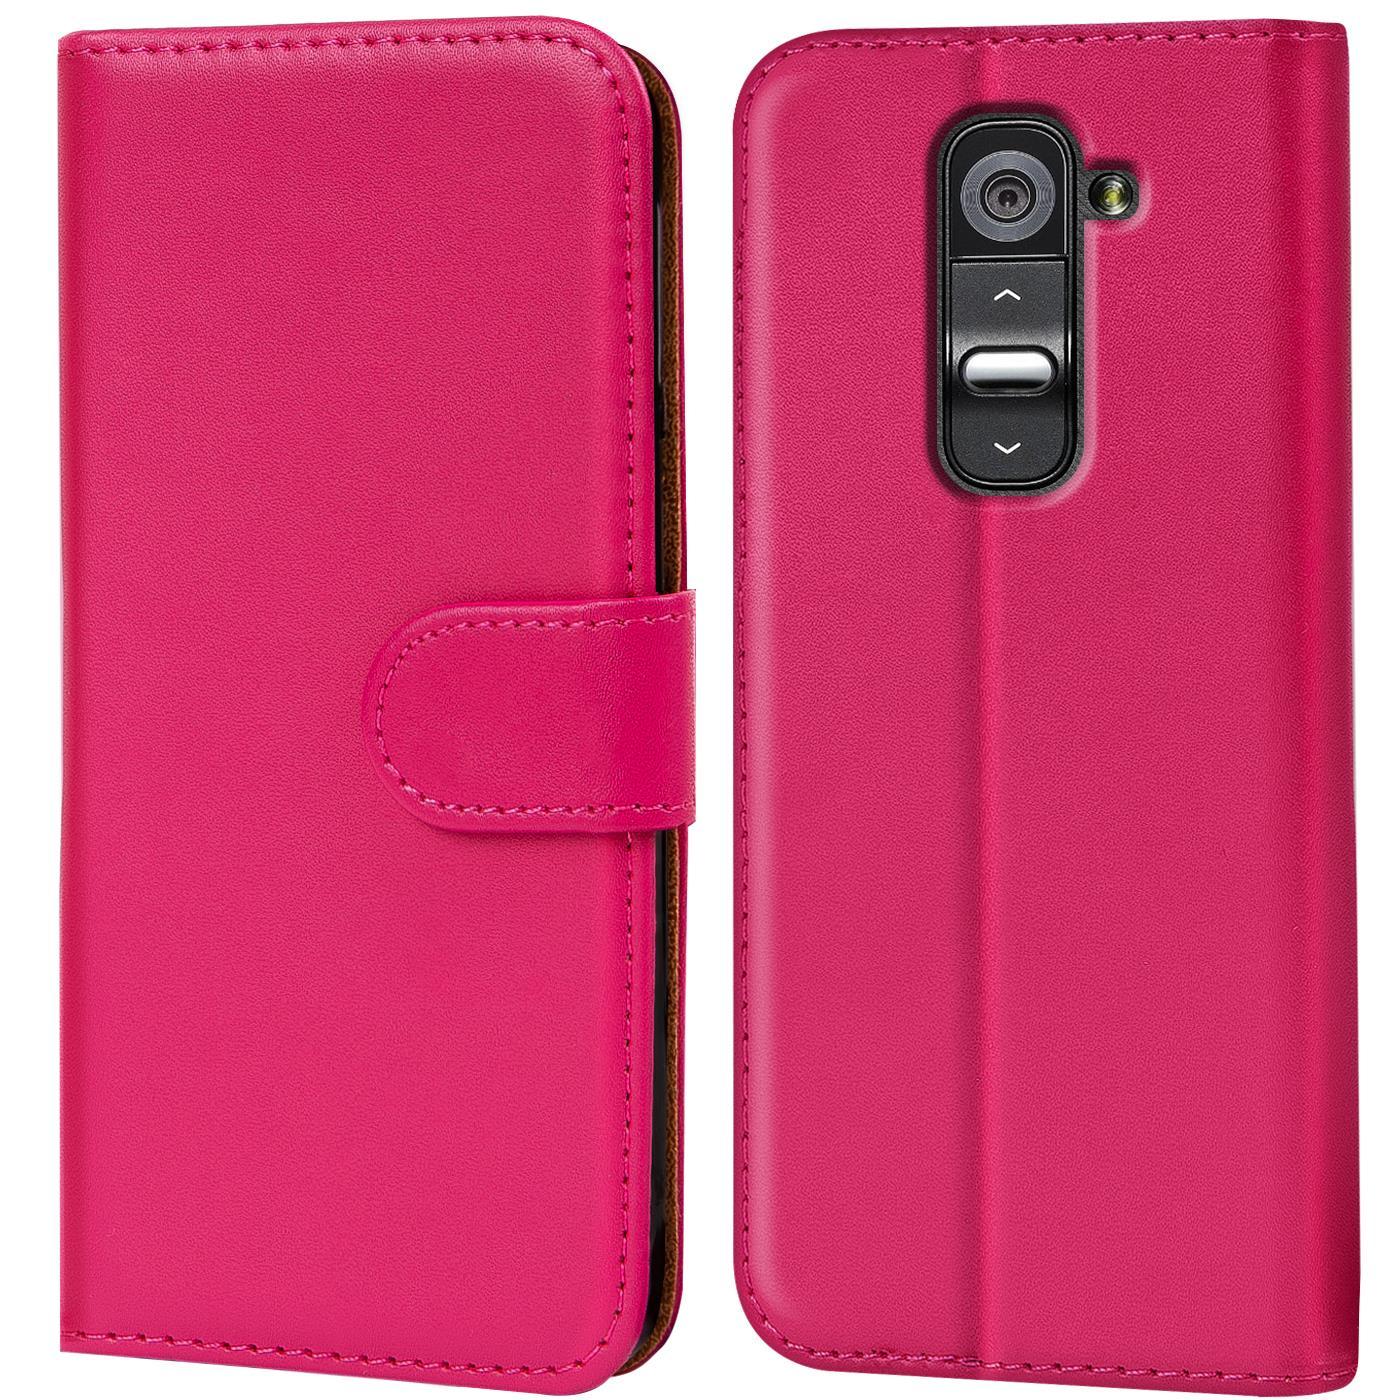 Handyhülle für LG Hülle Flip Case Cover Handy Schutz Book Tasche Schutzhülle